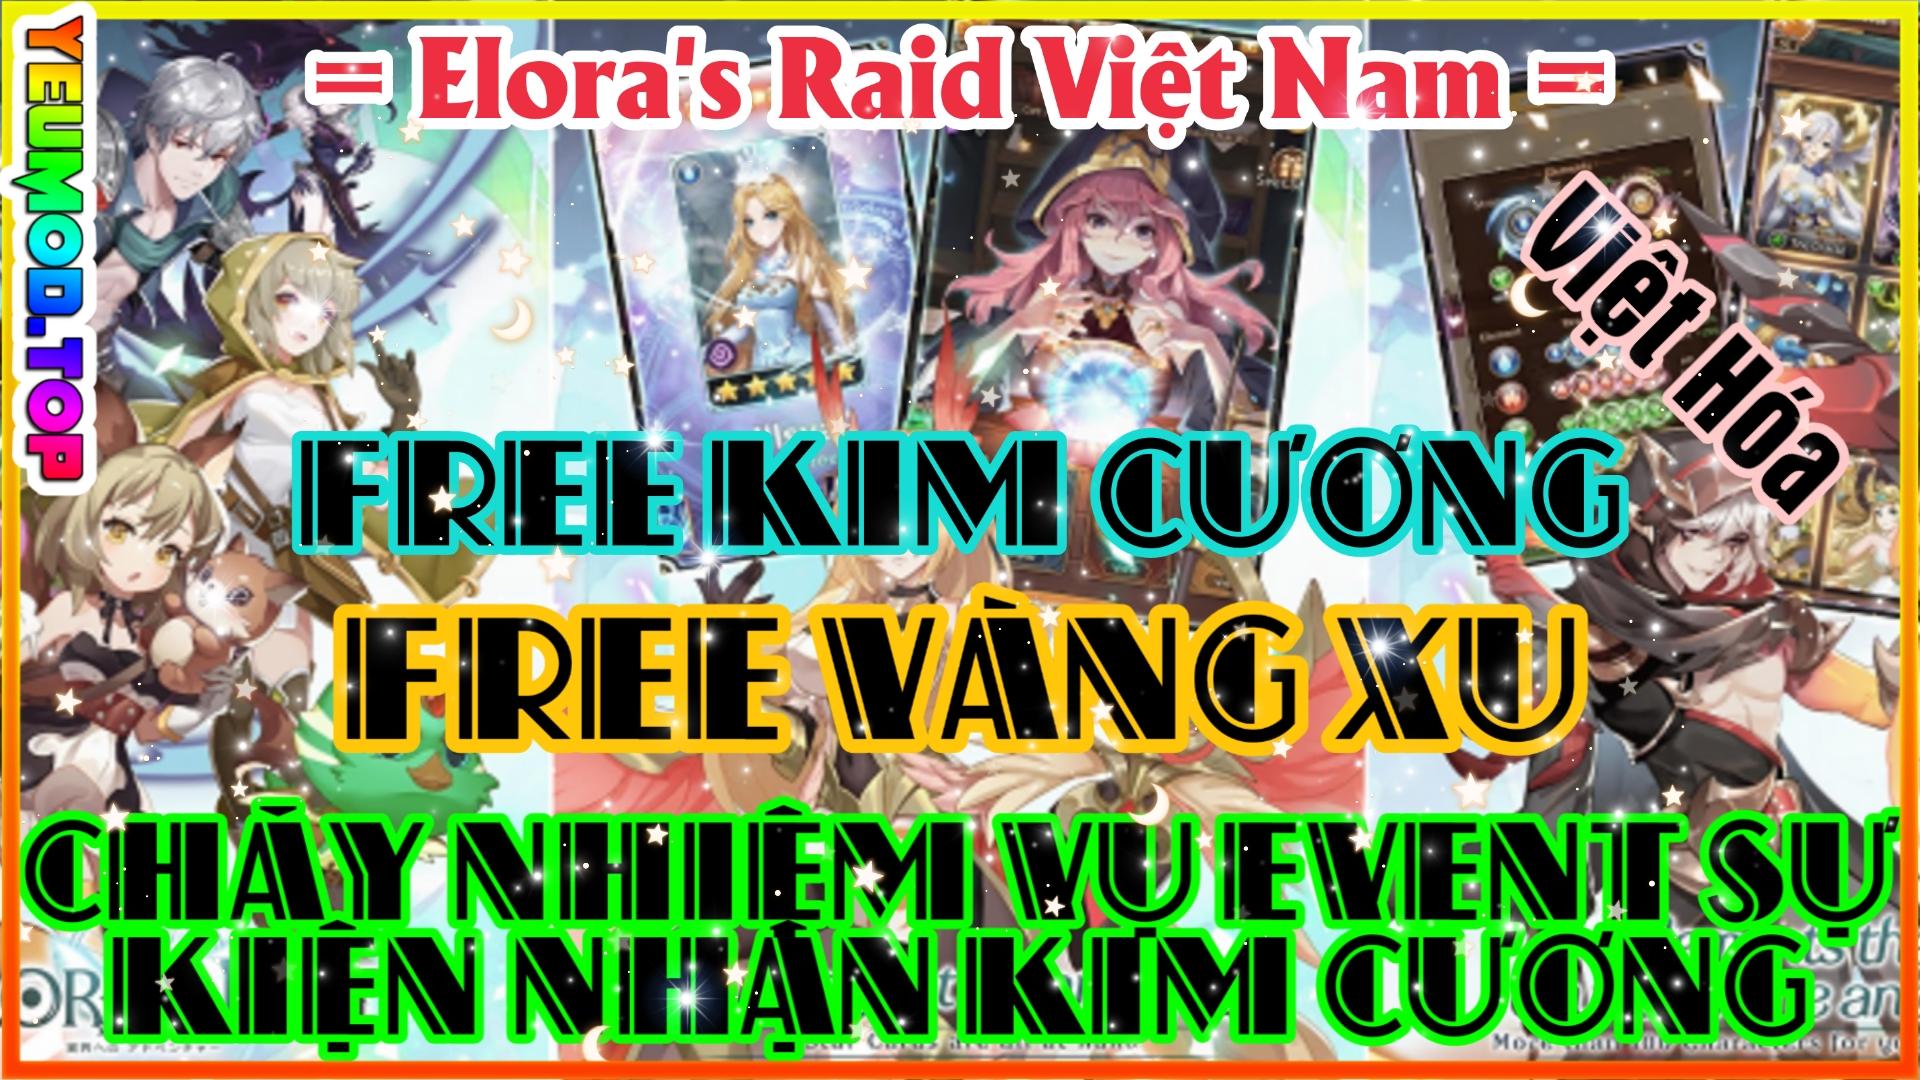 Elora's Raid Private Việt Hóa | Free Kim Cương | Hoạt Động Event Nhiệm Quà & Kim Cương